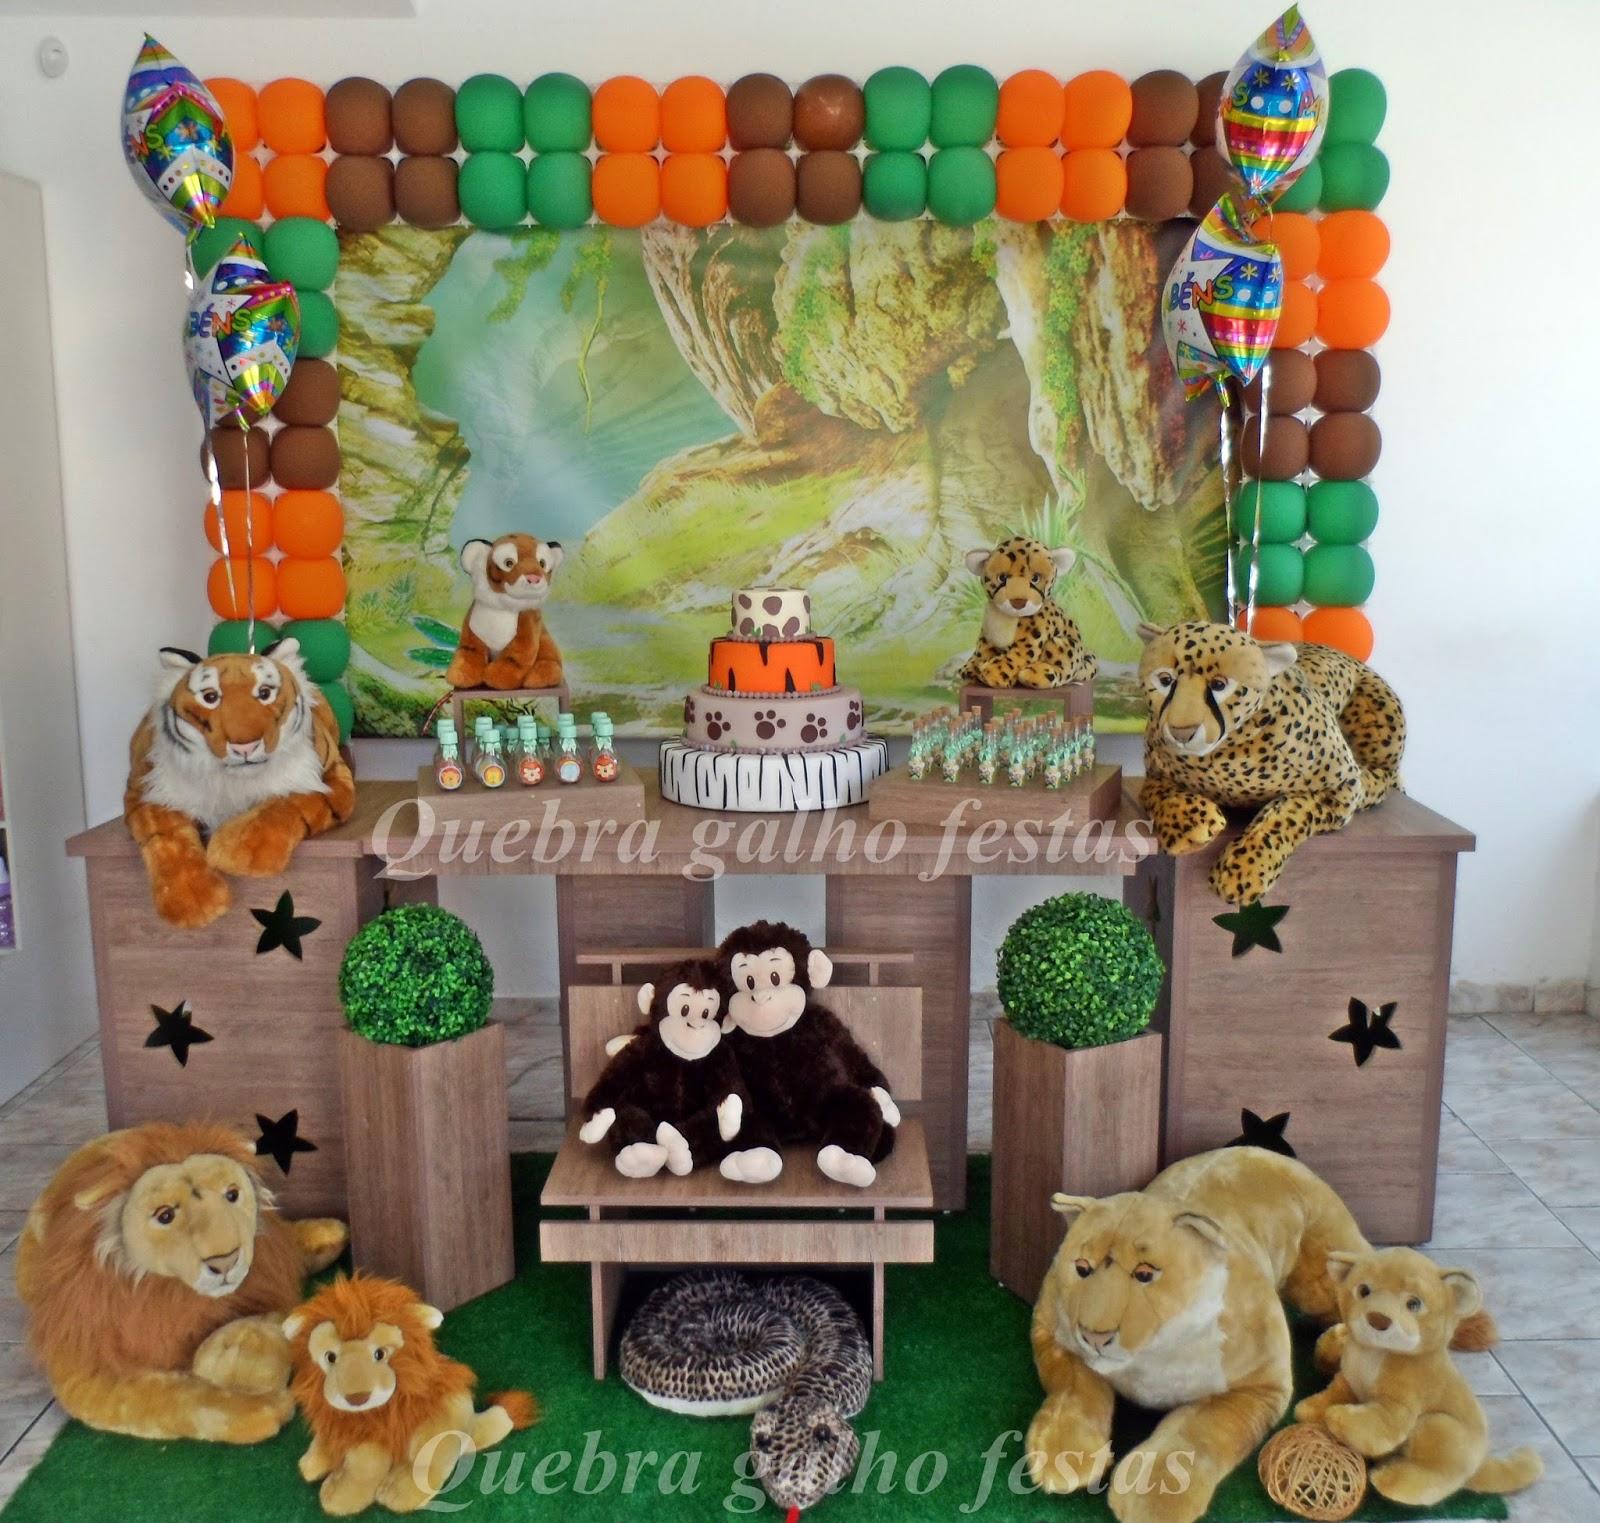 Decoraç u00e3o Pegue e Monte Quebra Galho Festas Aluguel decoraç u00e3o festa provençal zona norte SP